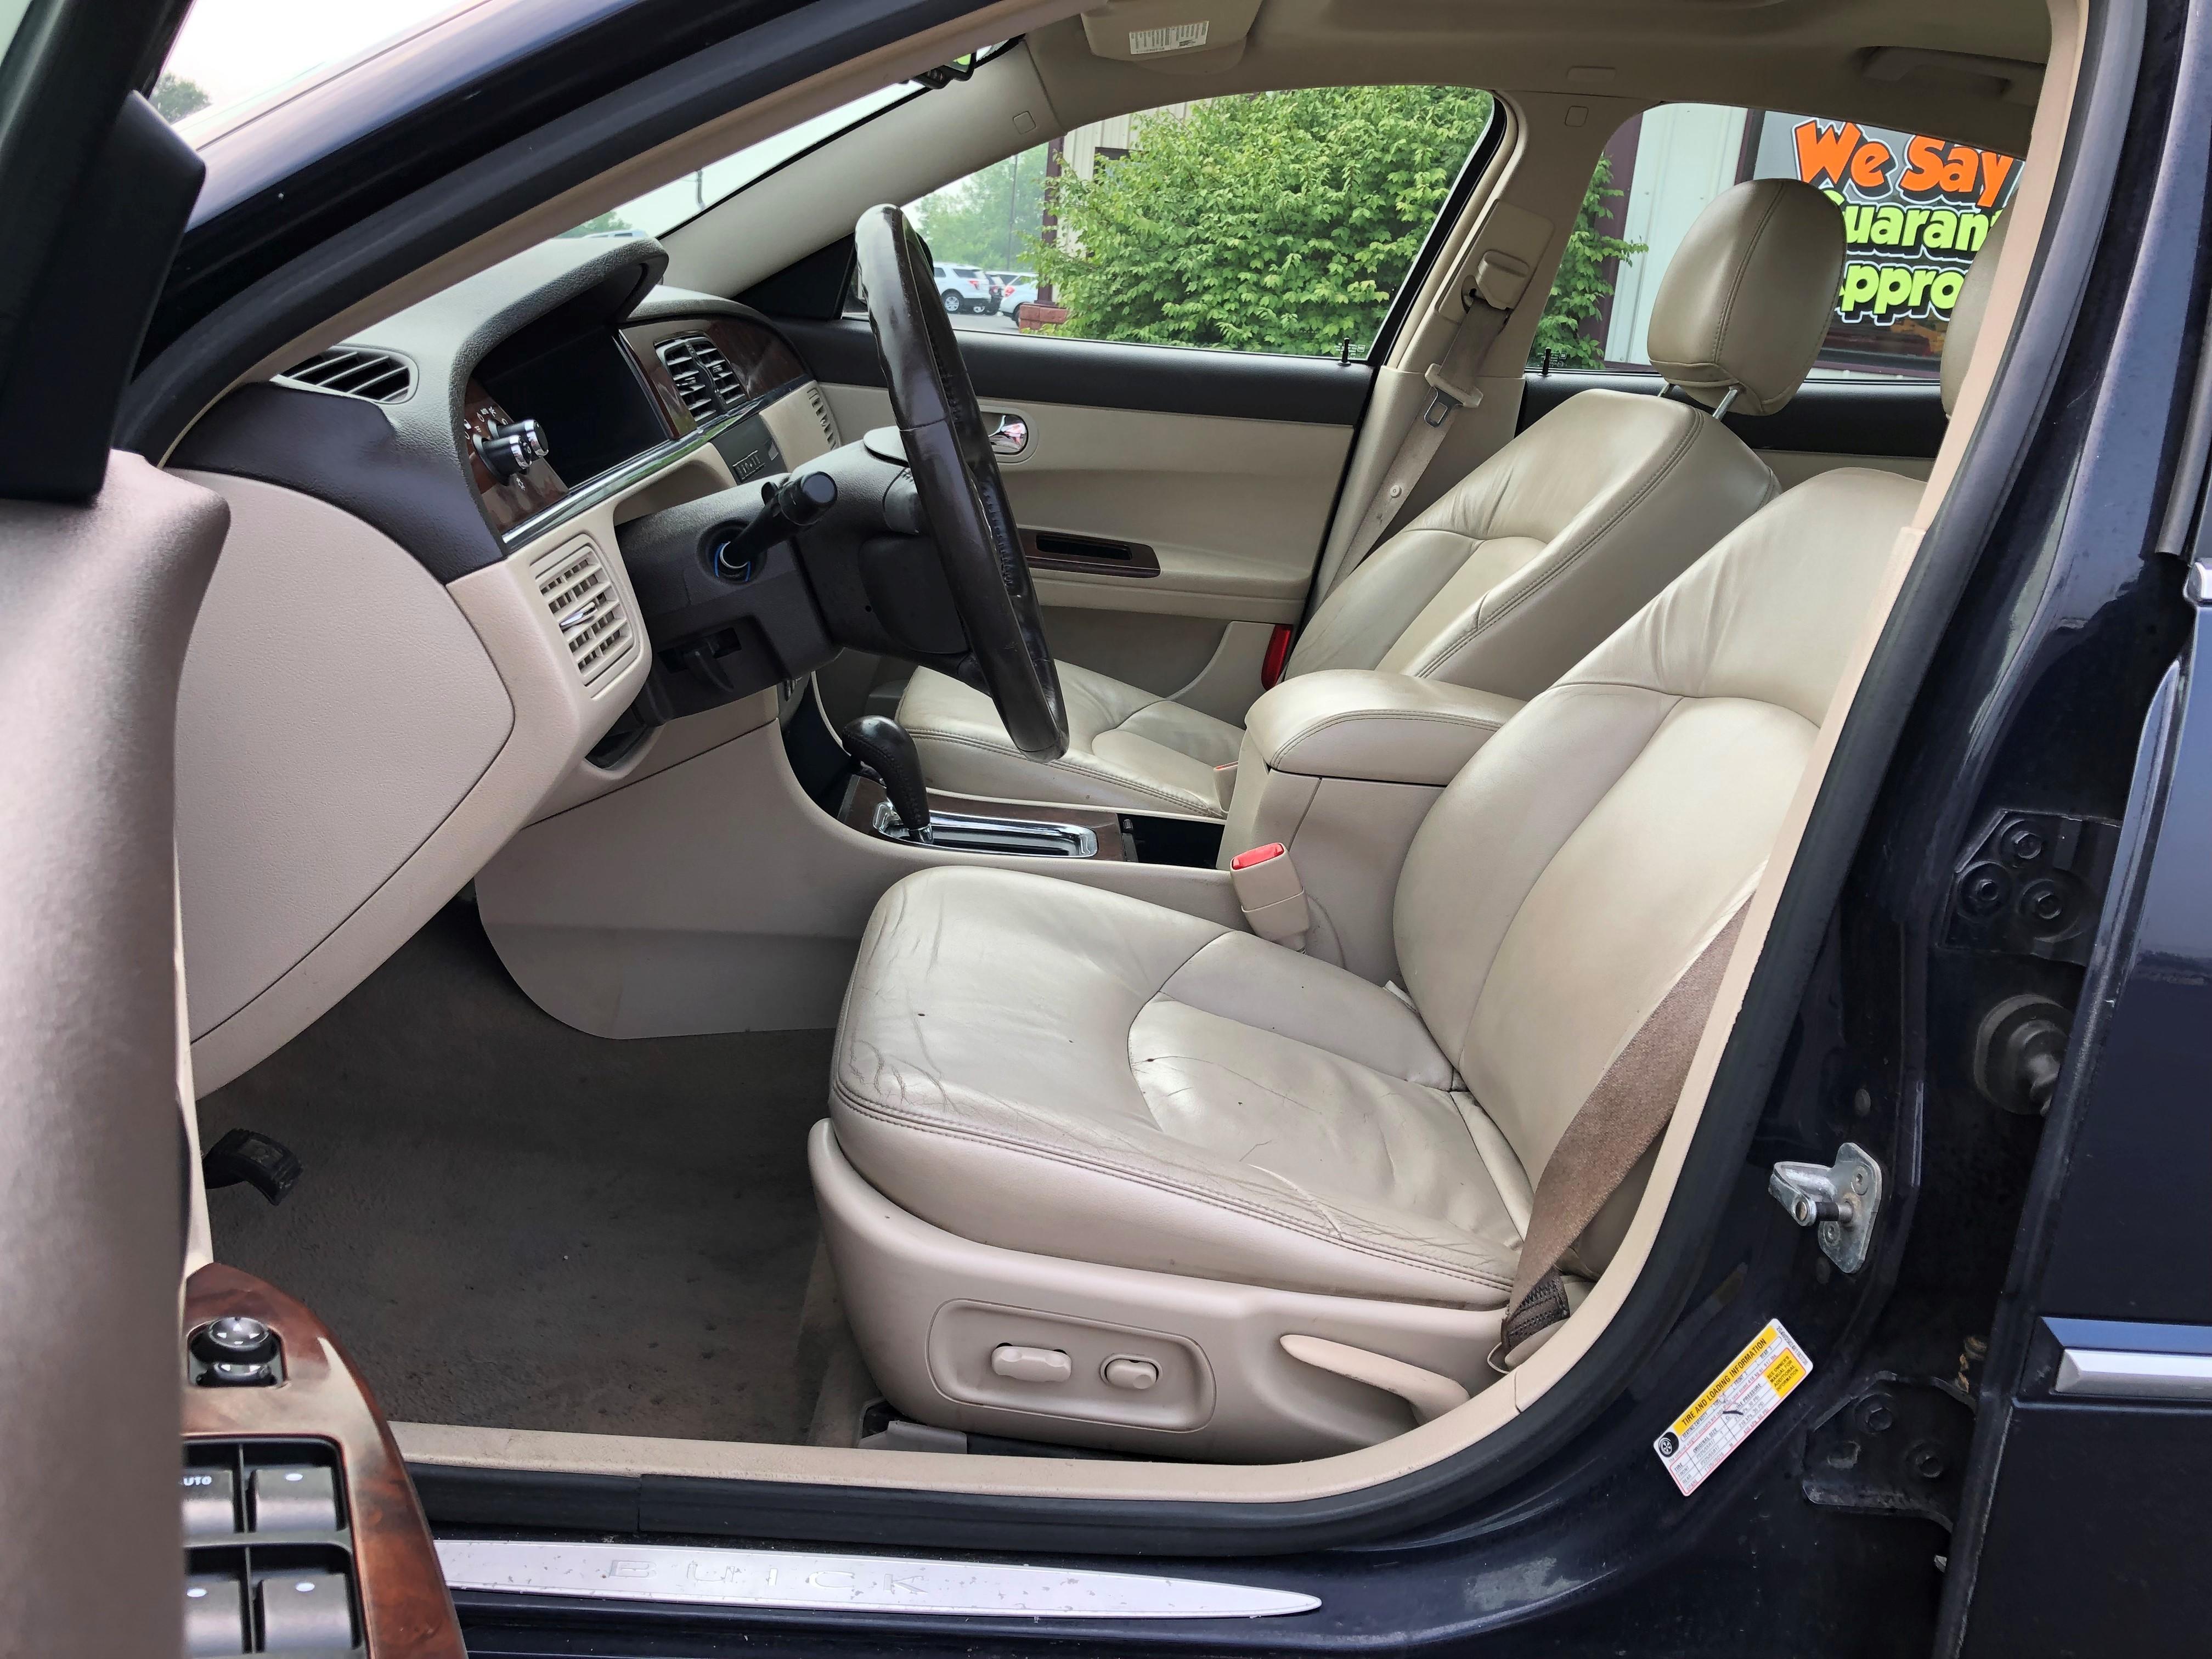 used vehicle - Sedan BUICK LACROSSE 2008